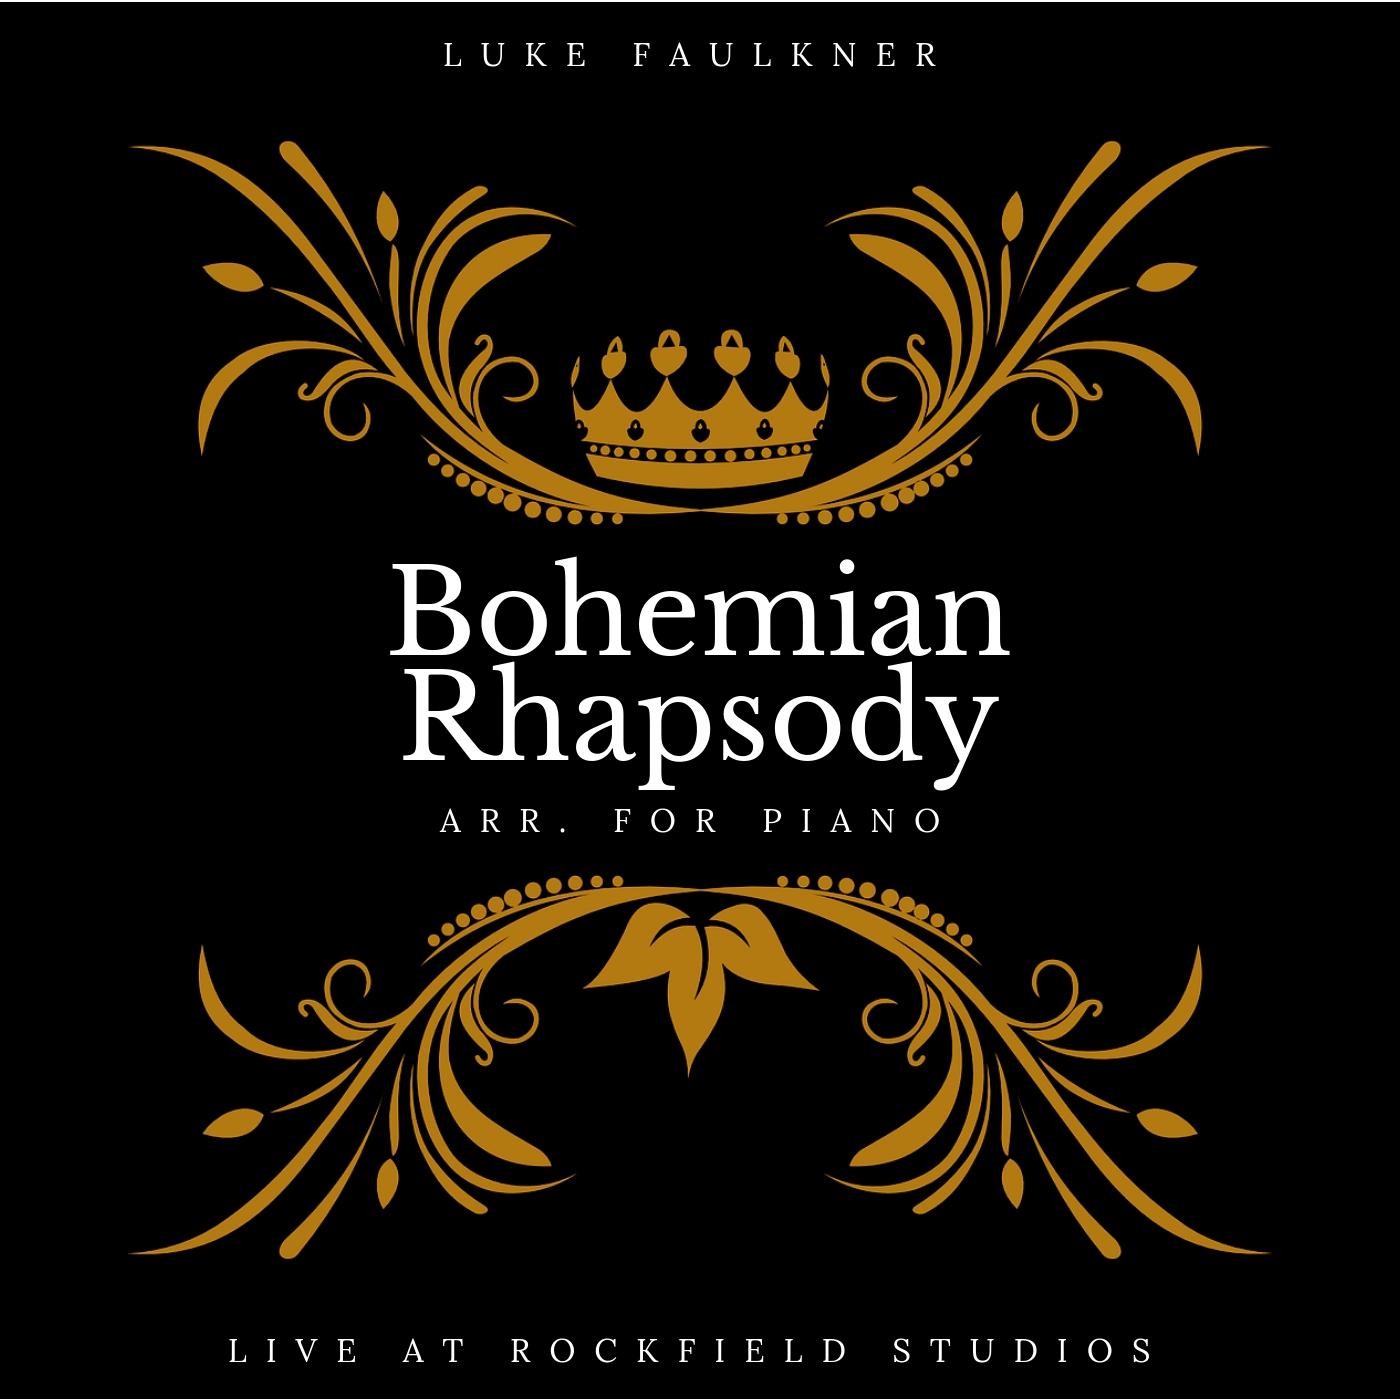 Bohemian Rhapsody (Arr. for Piano)